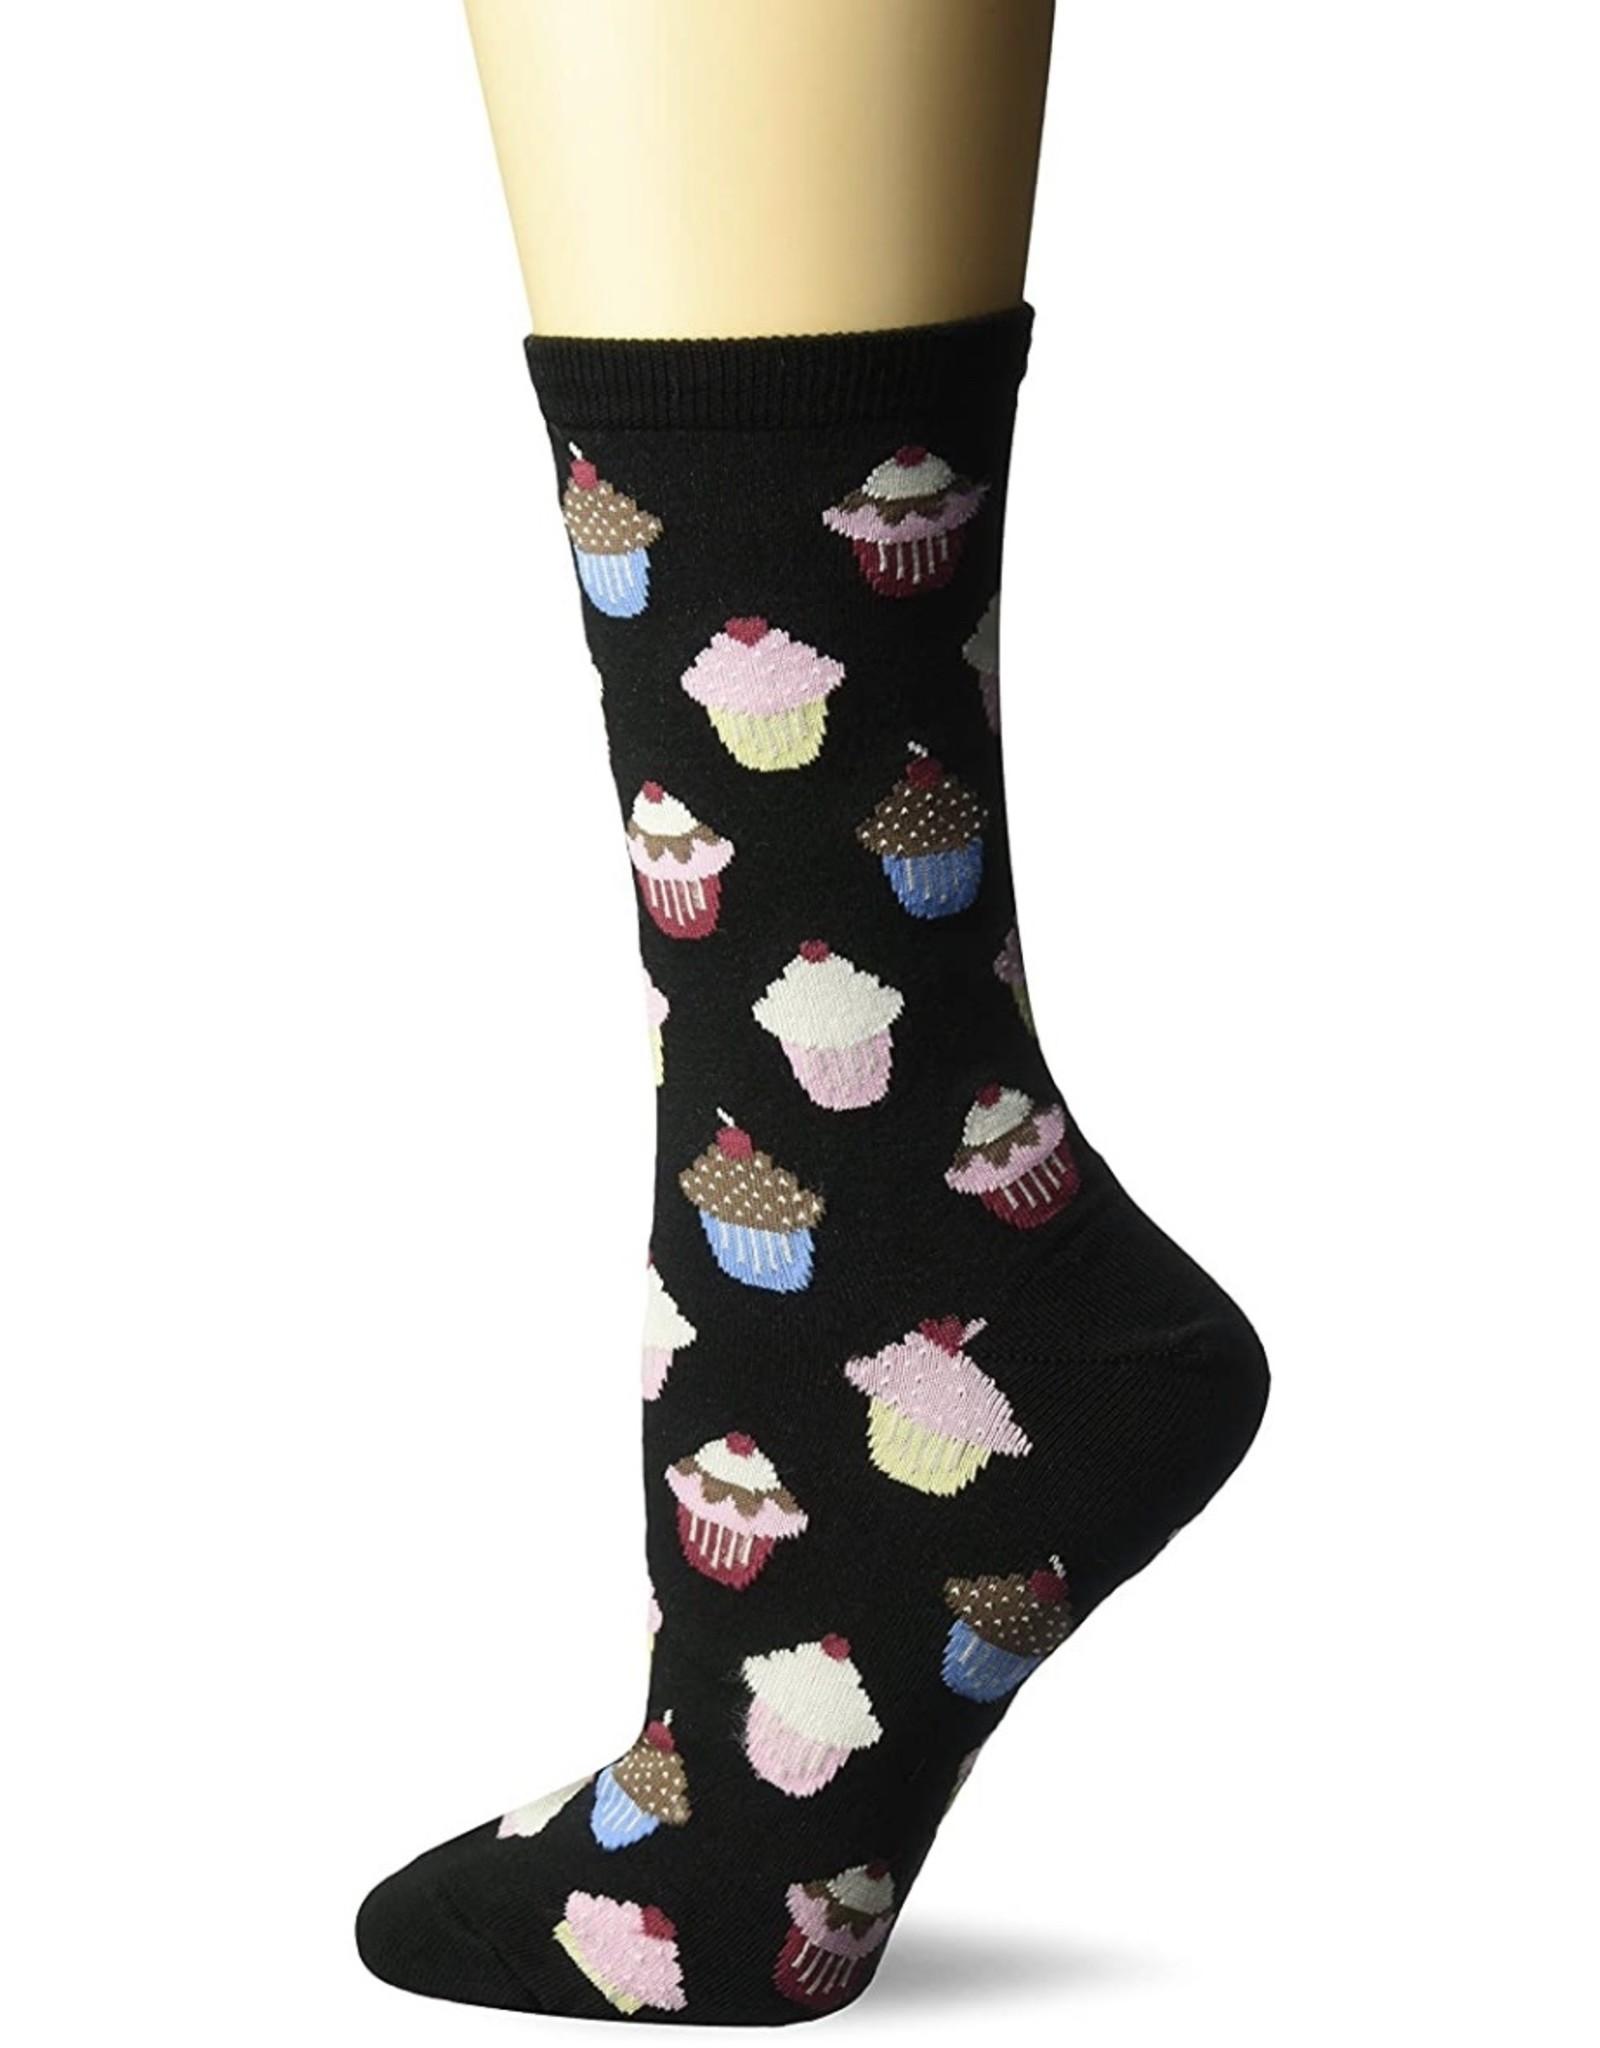 Hotsox Hotsox Women's Cupcakes Crew Socks HO000011